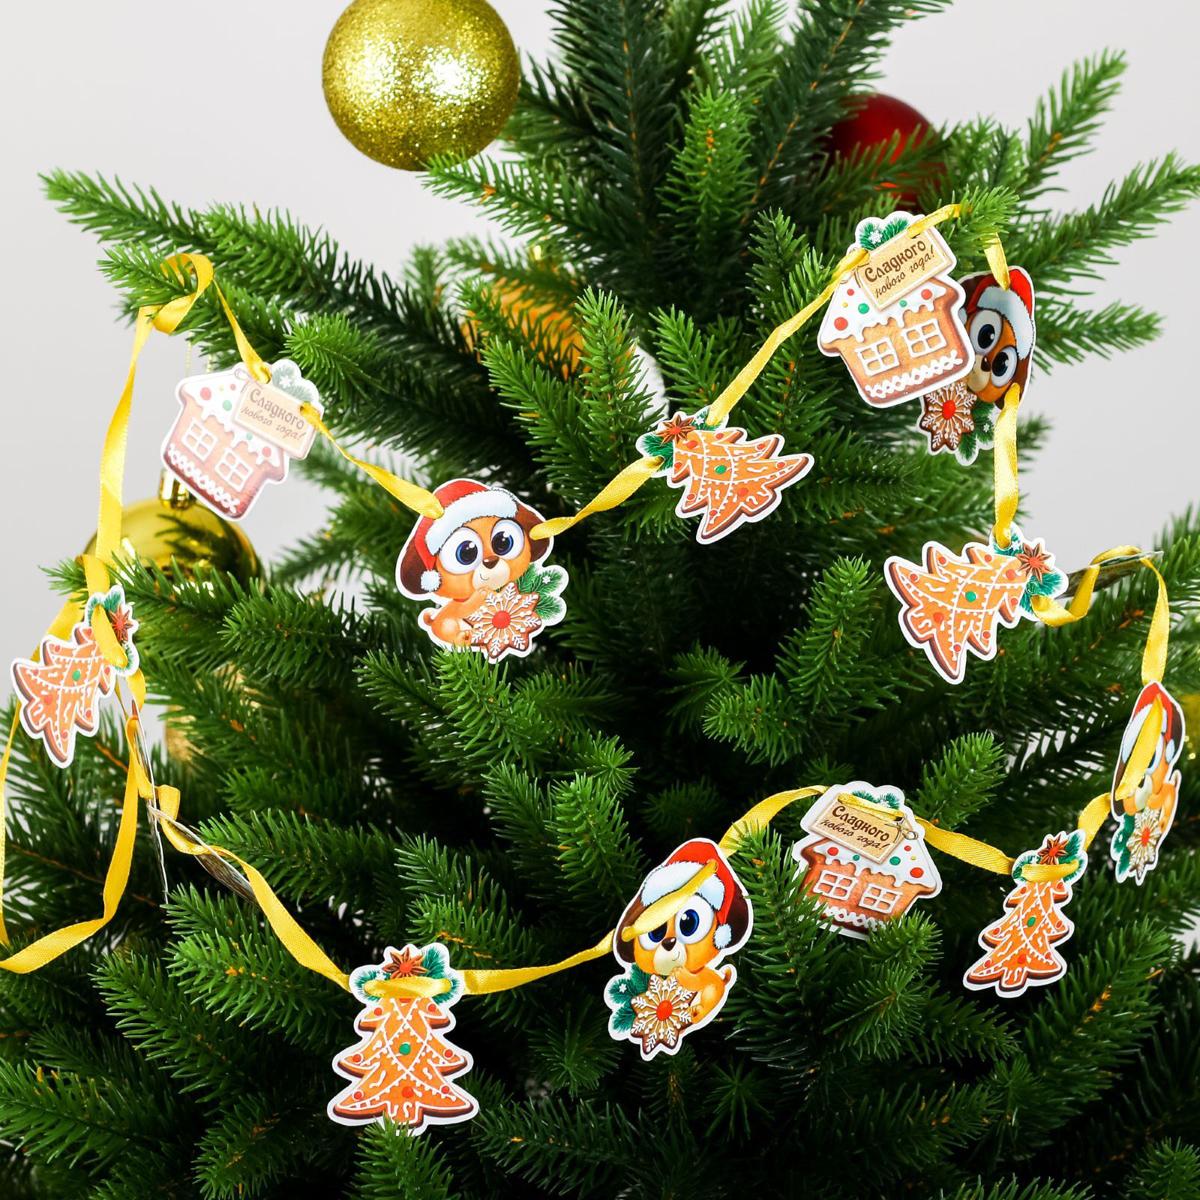 Гирлянда Собачка в колпаке, 8,5 х 8,5 см2268890Оформление — важная часть любого торжества, особенно Нового года. Яркие украшения для интерьера создадут особую атмосферу в вашем доме и подарят радость. Гирлянда придется по душе каждому. Подвесьте ее в комнате, и праздничное настроение не заставит себя ждать.